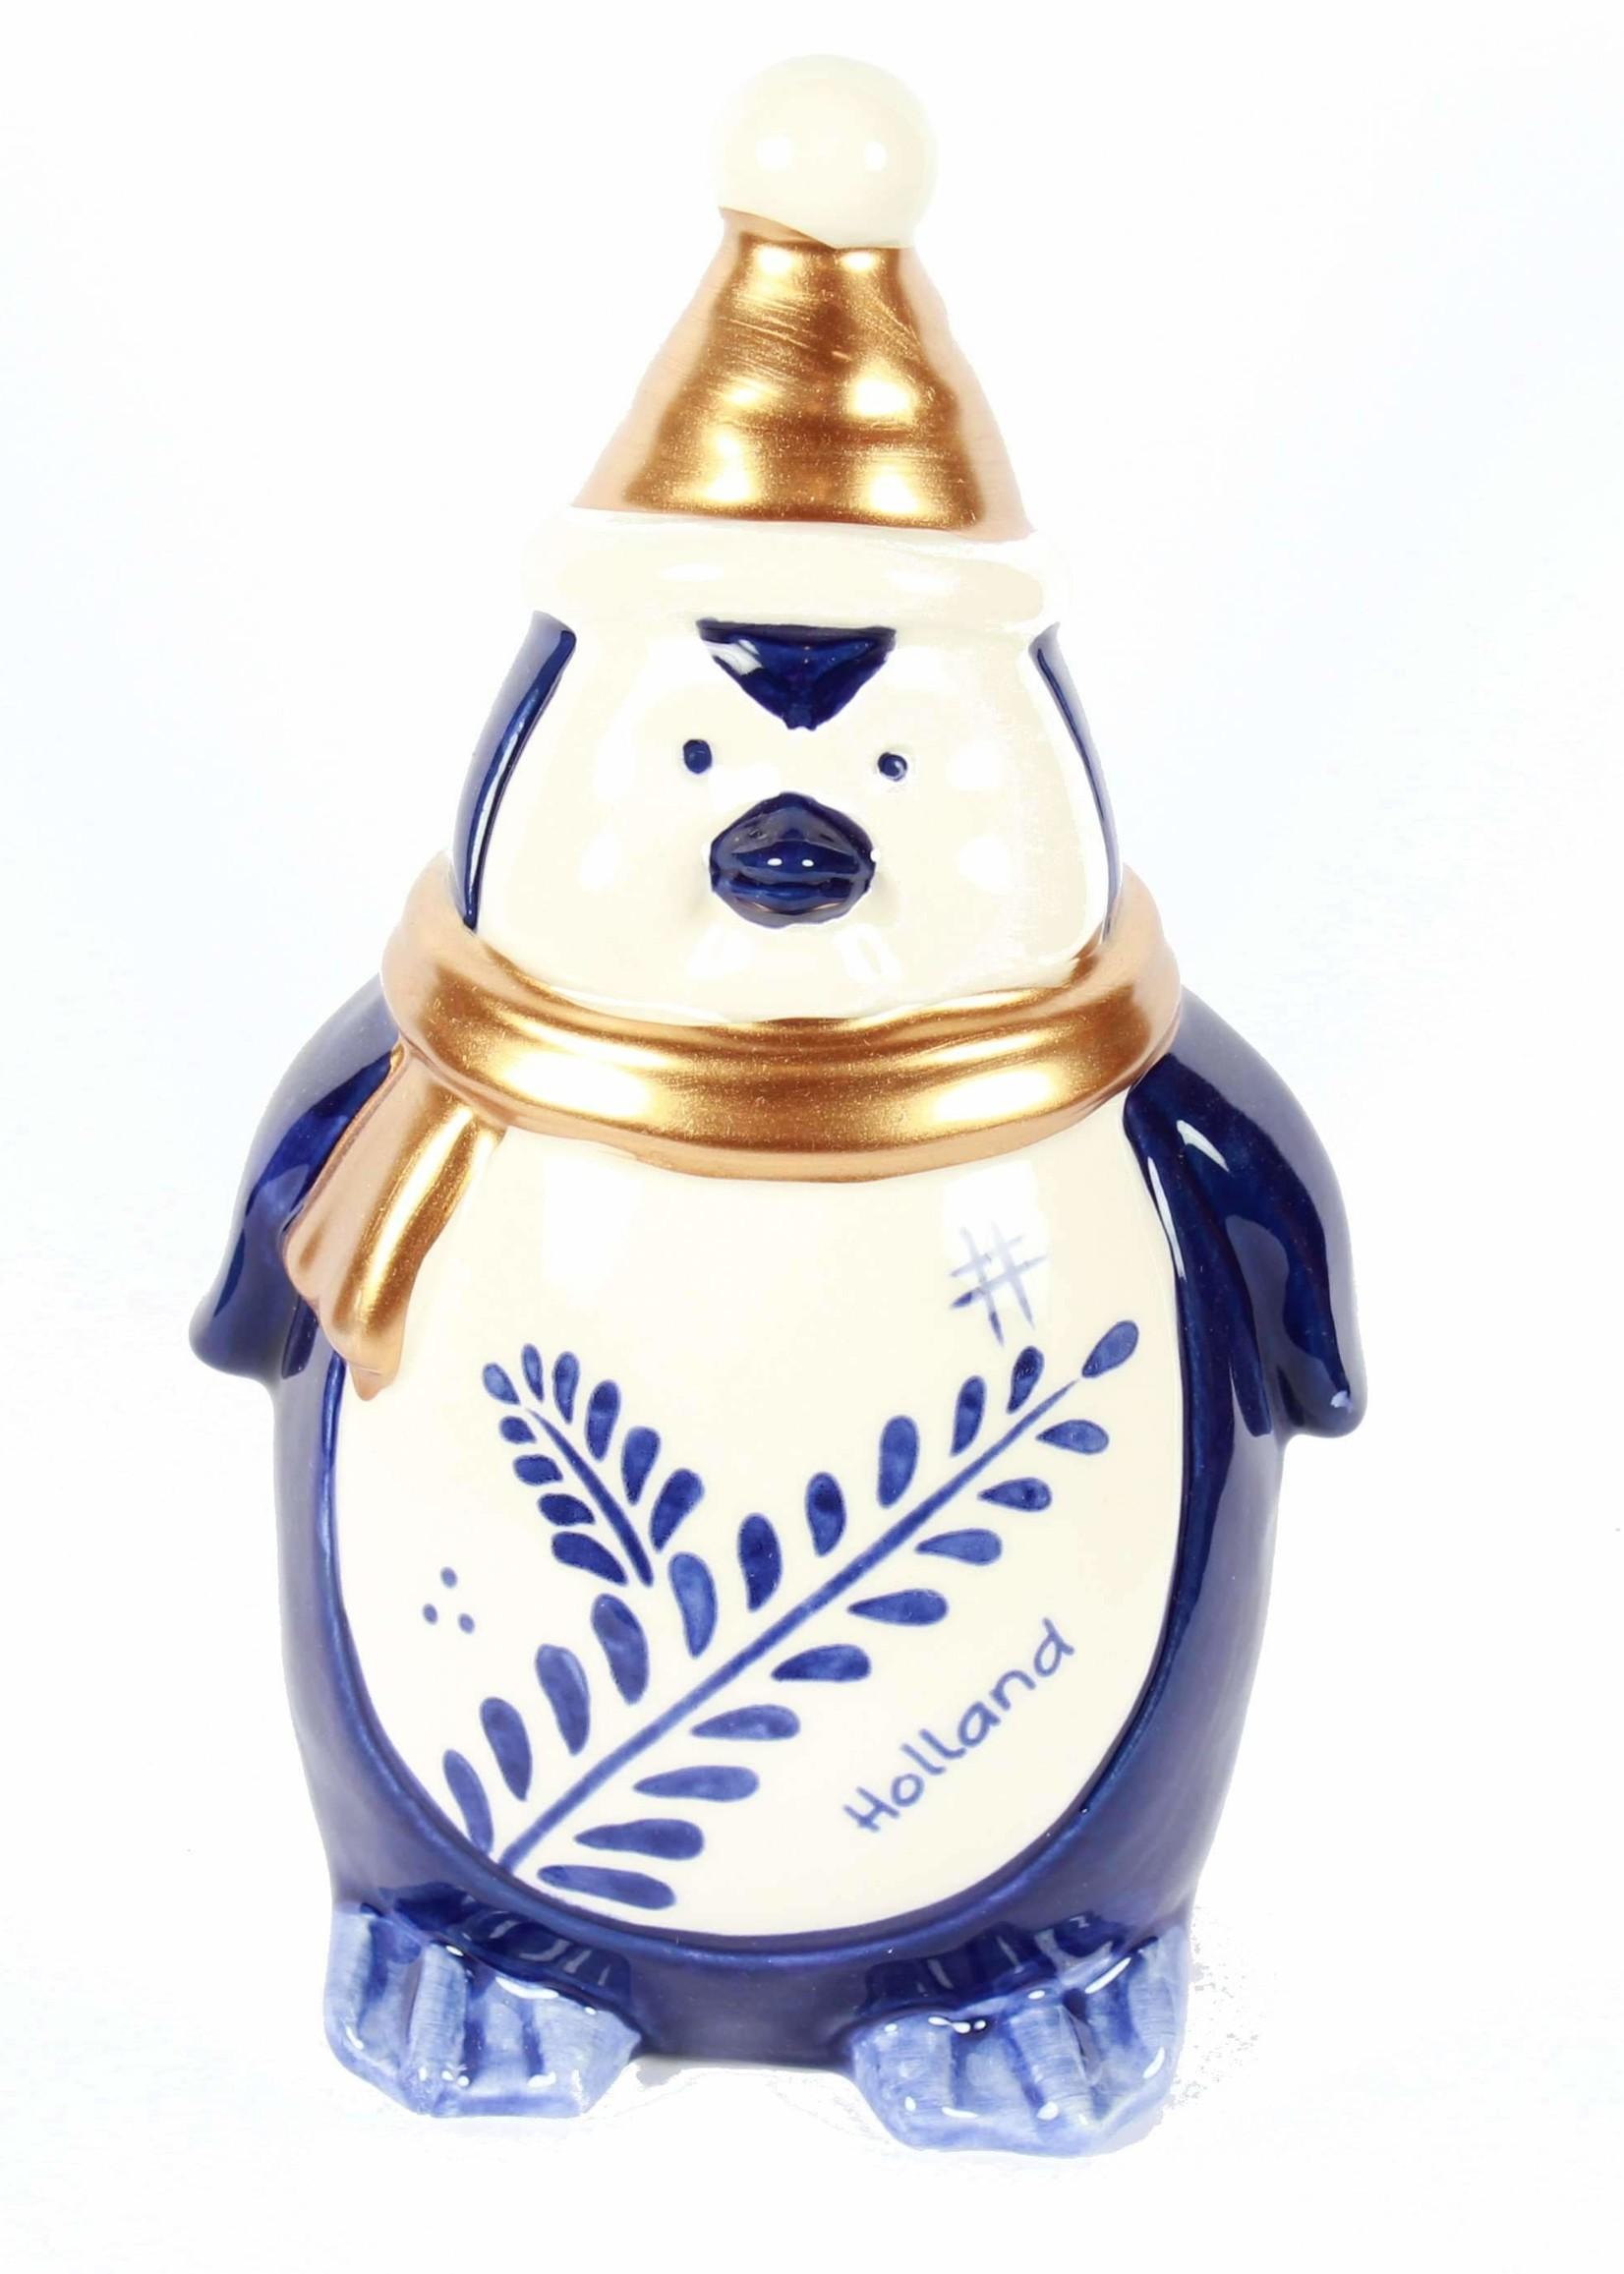 Delfts Blauwe Pinguïn, Hollandse Kerstversiering, Groot